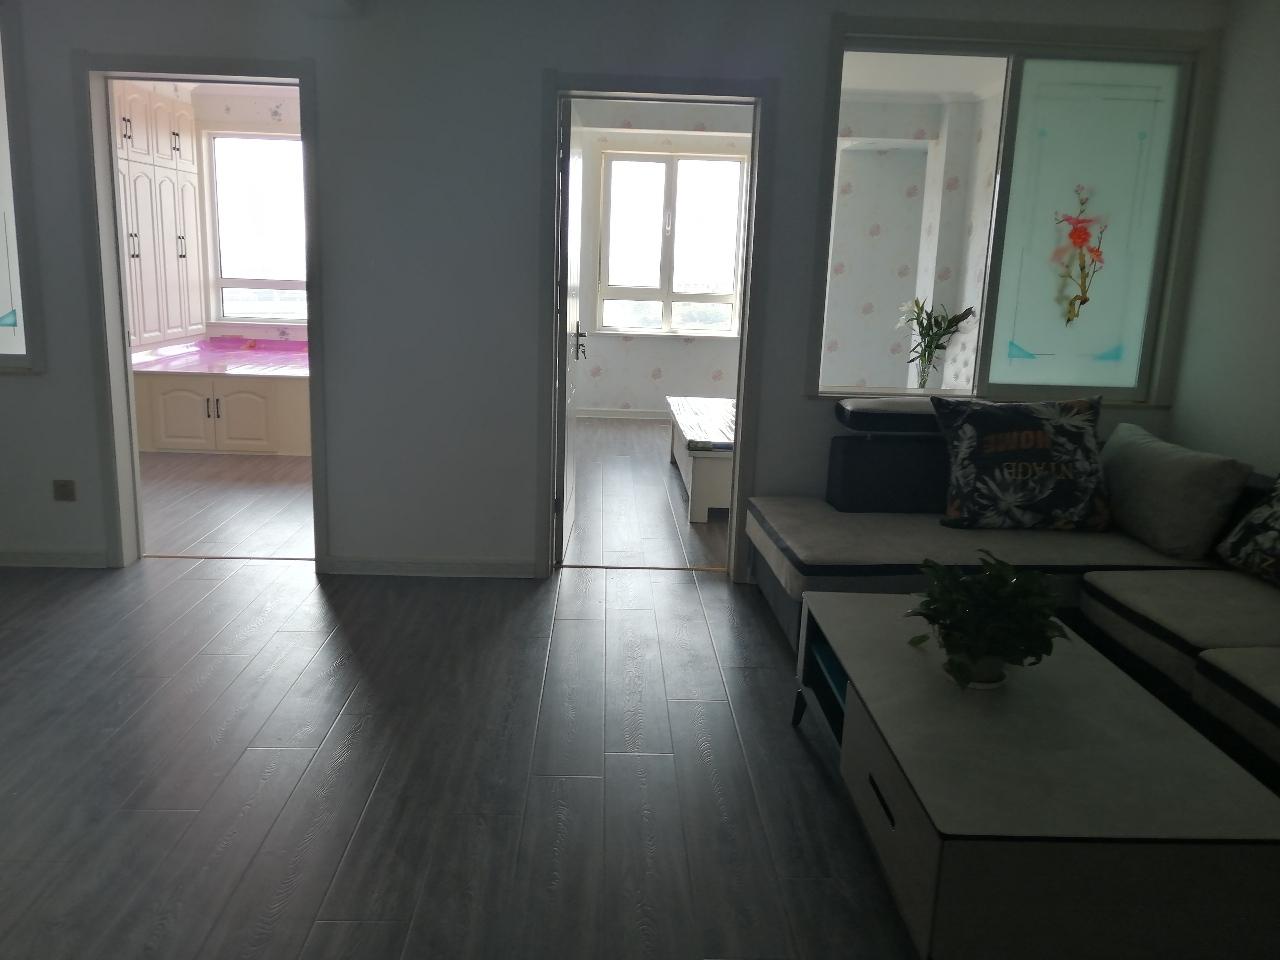 新房源:翰林苑小区电梯房86平,2室 57.8万元